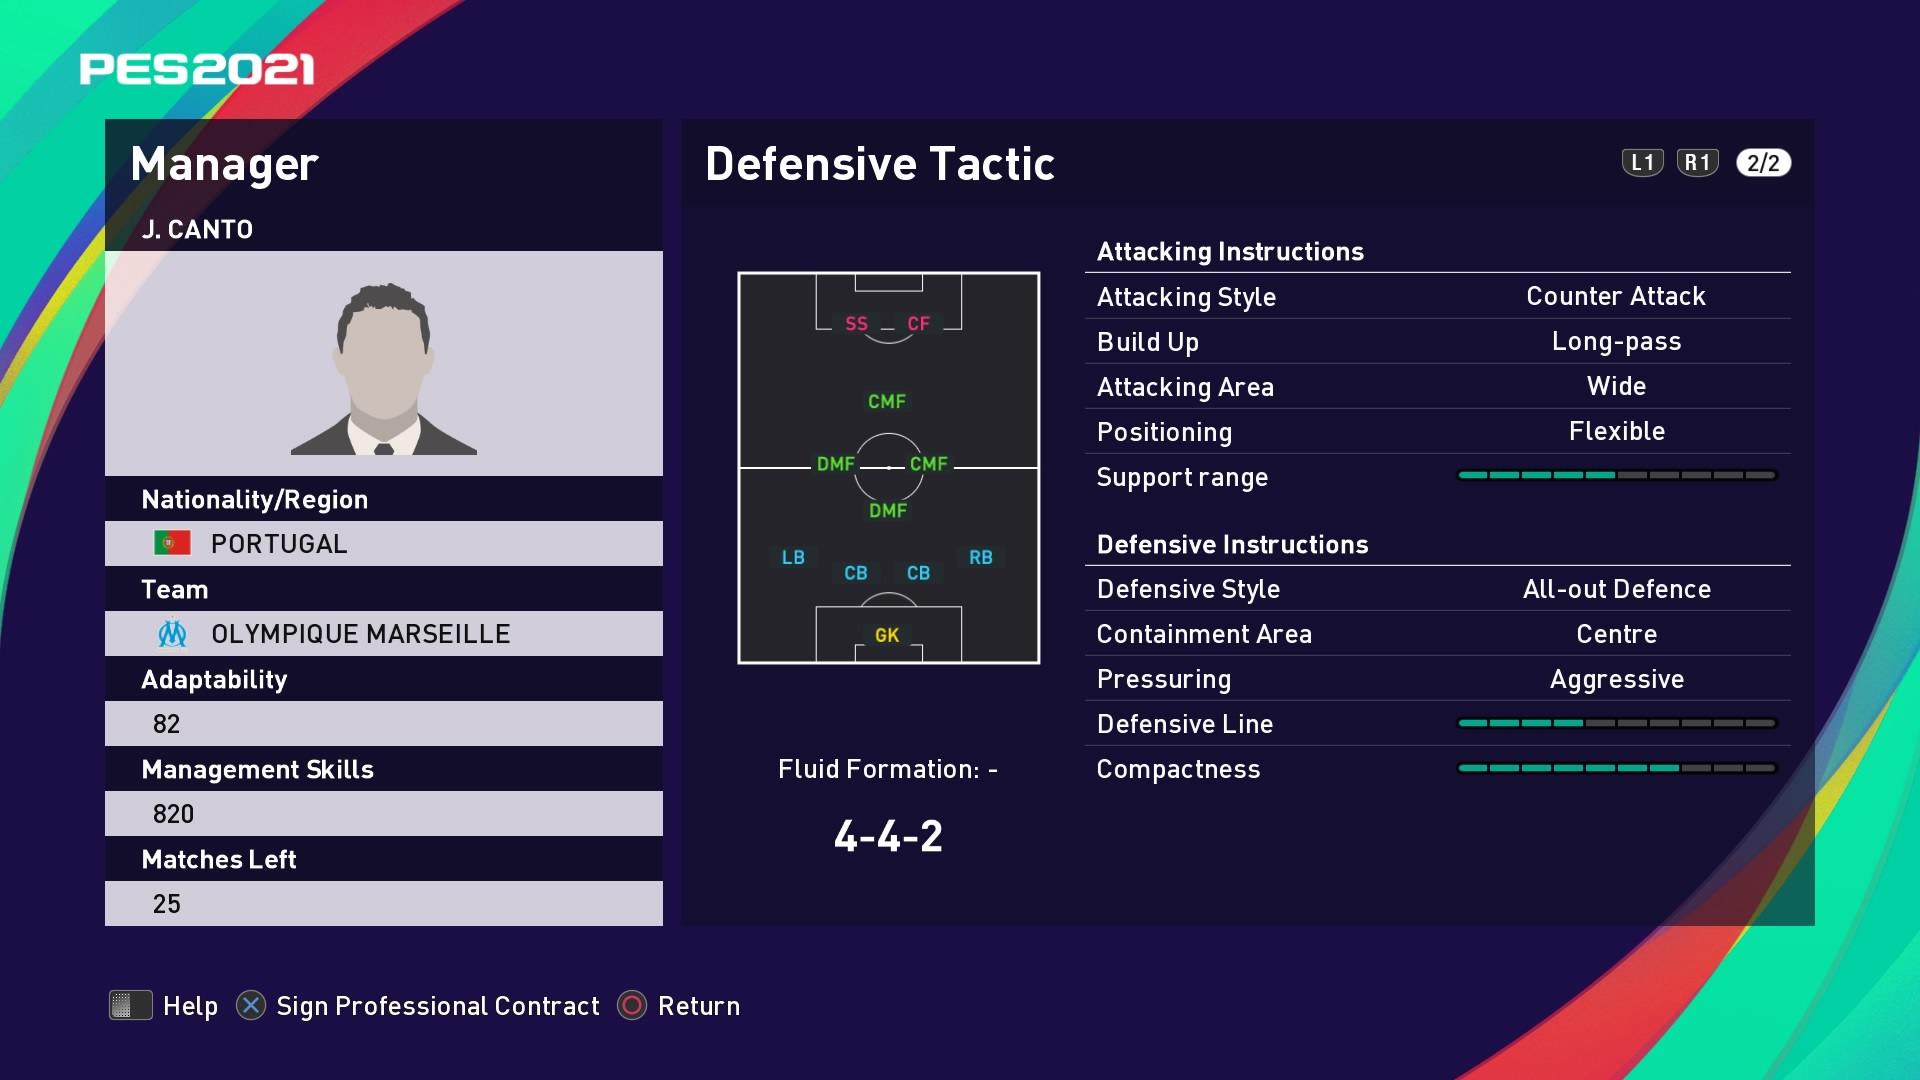 J. Canto (2) (André Villas-Boas) Defensive Tactic in PES 2021 myClub